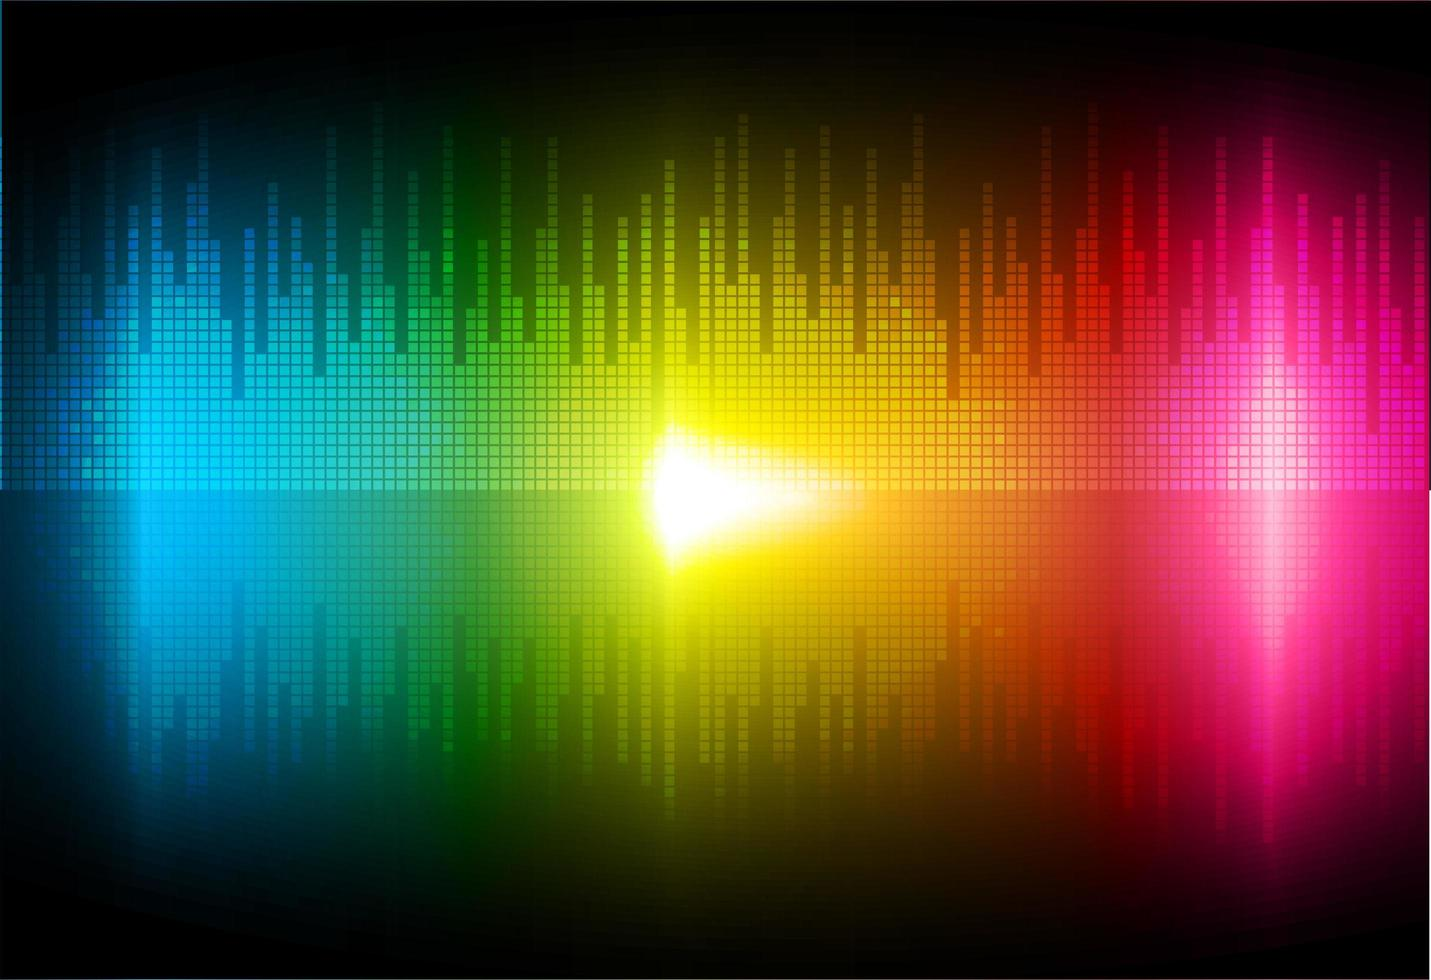 Schallwellen schwingen mit buntem Licht vektor